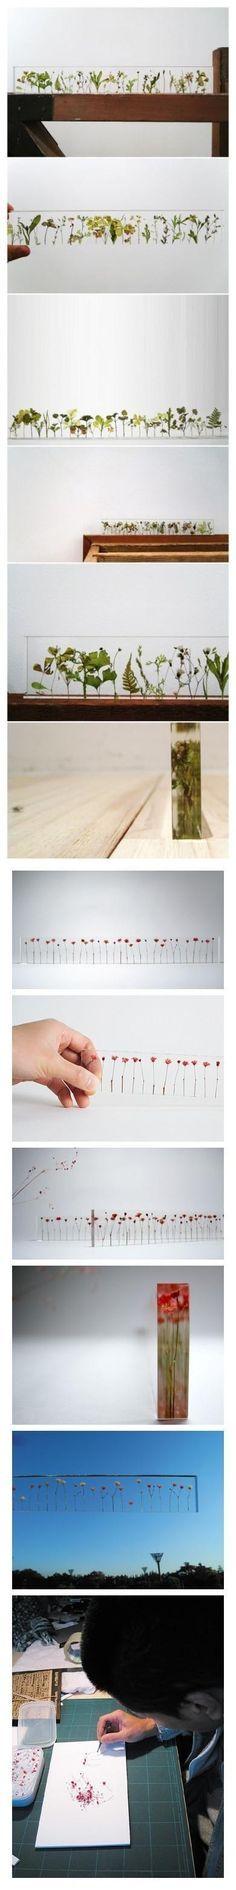 Natural ruler. Designed by Norihiko Terayama